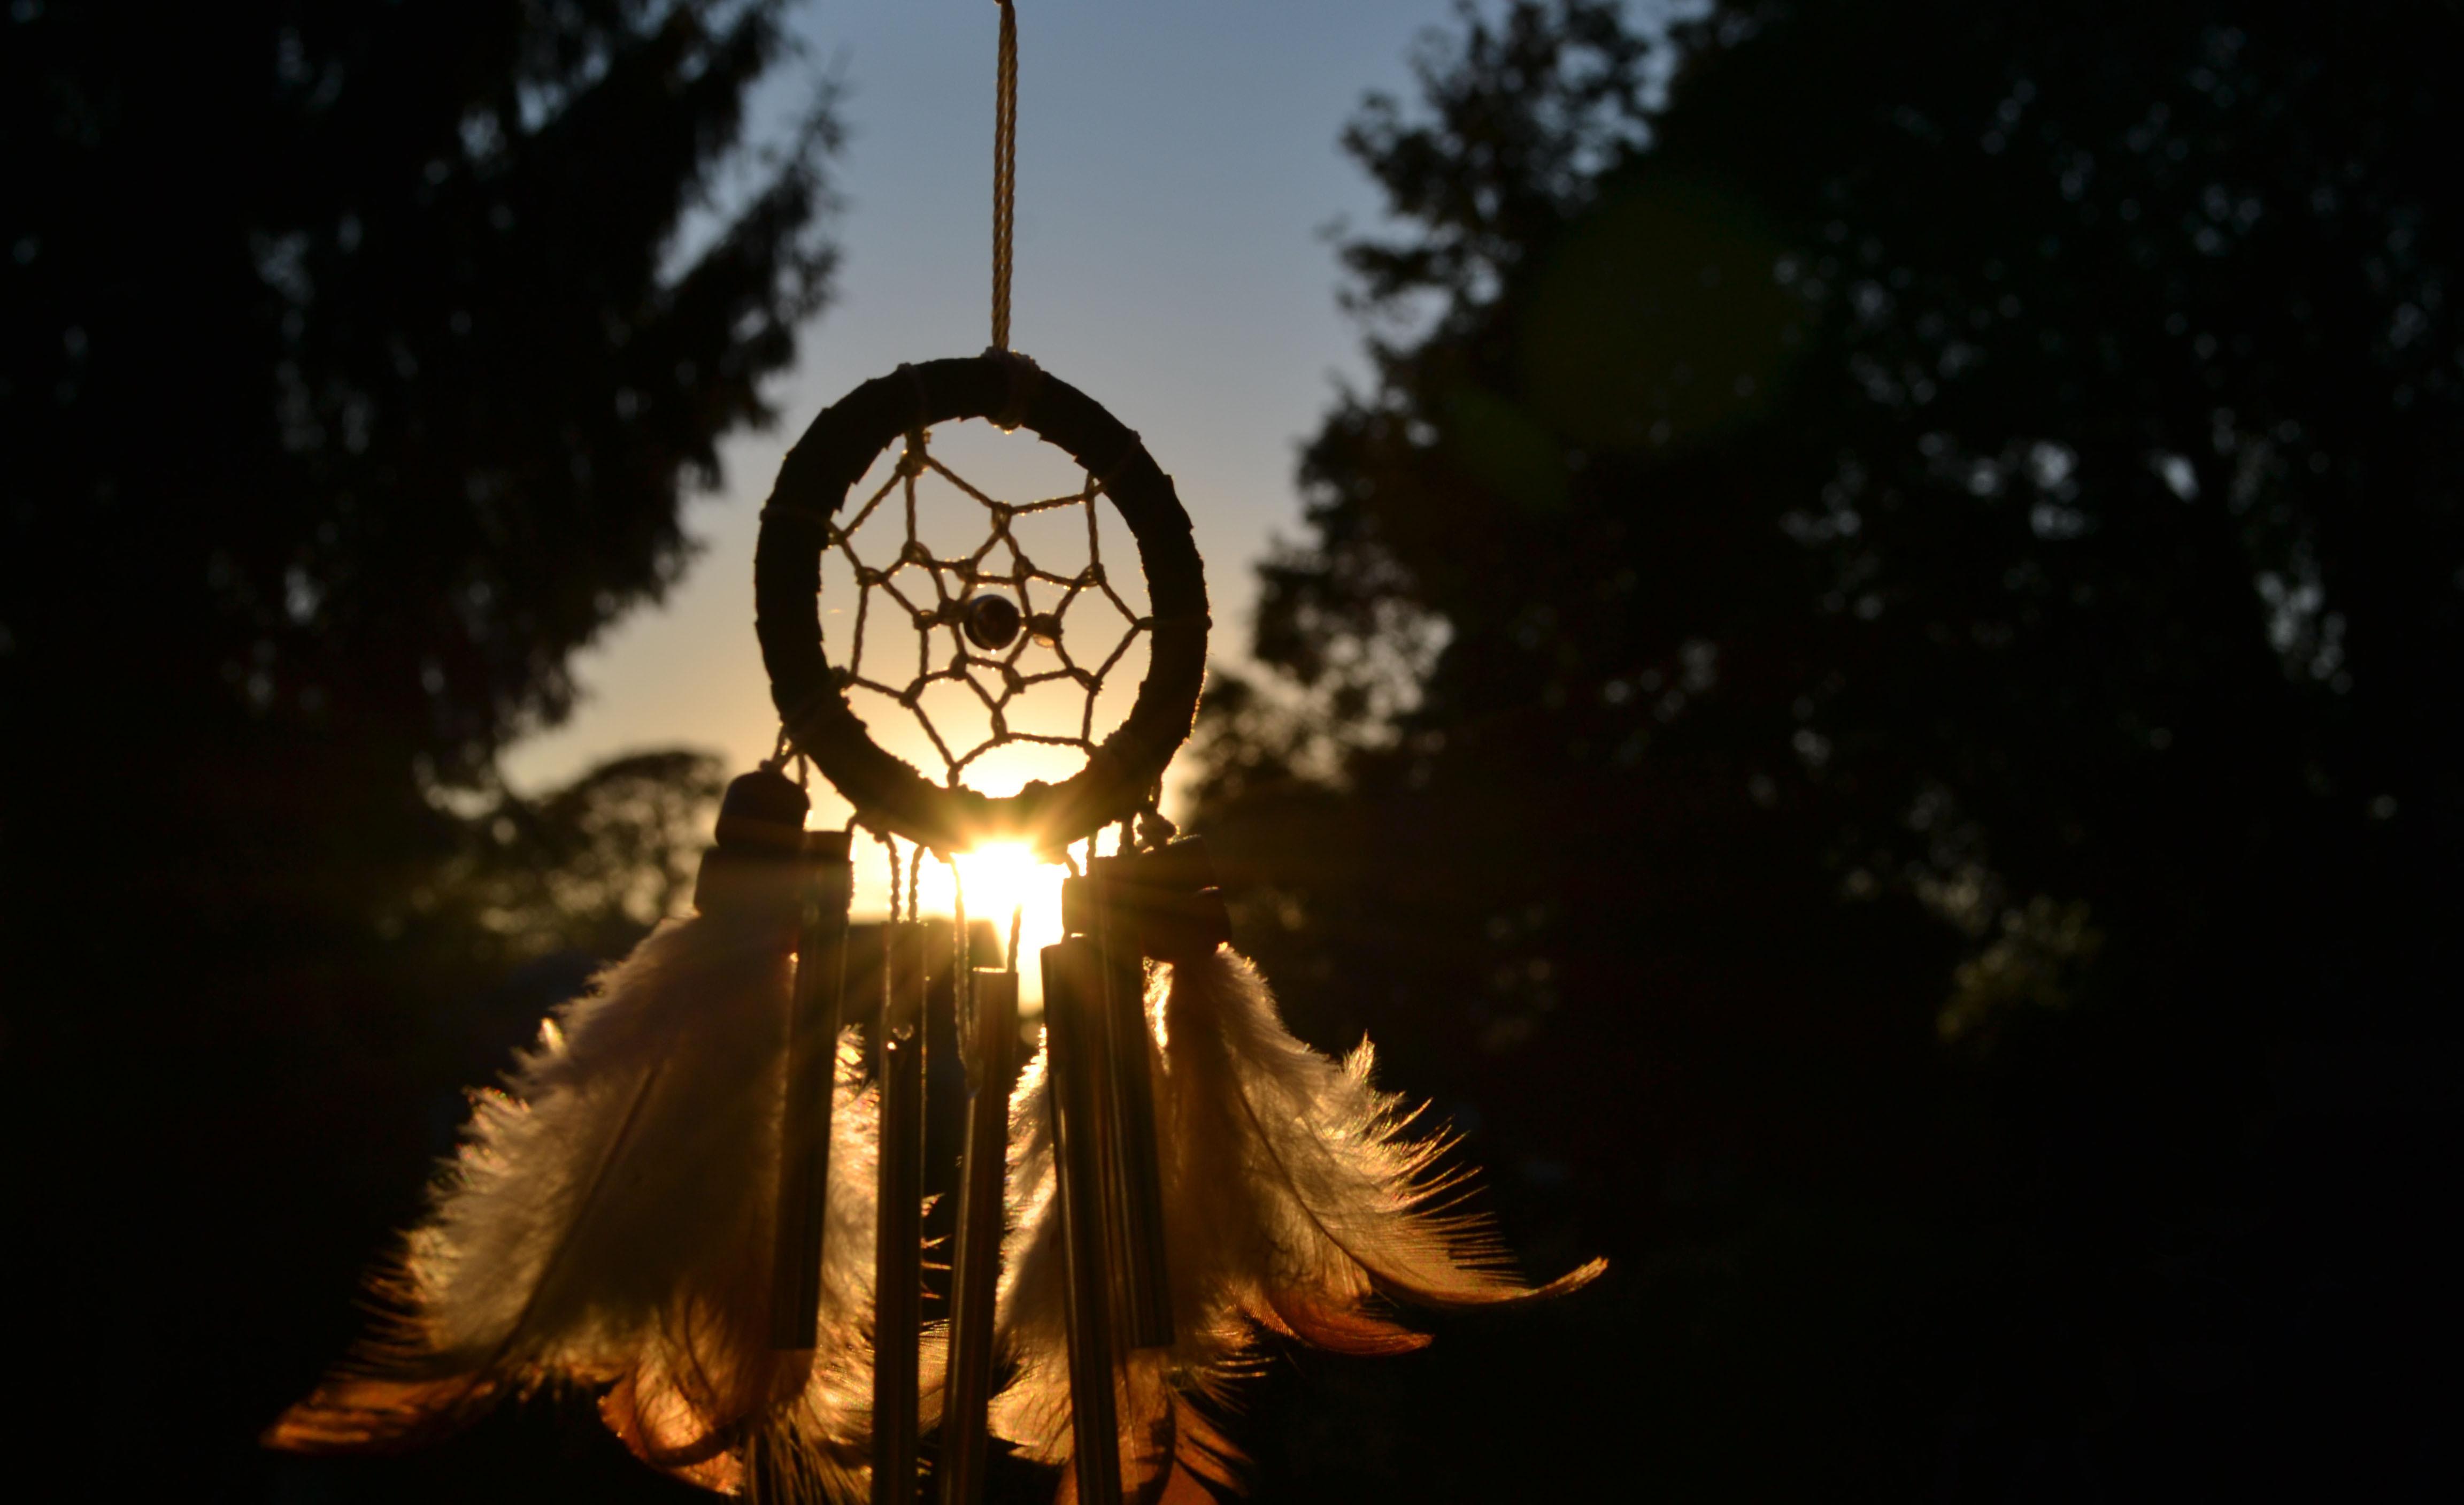 Wallpaper dreamcatcher dreamcatcher talismans amulets feathers 4608x2814